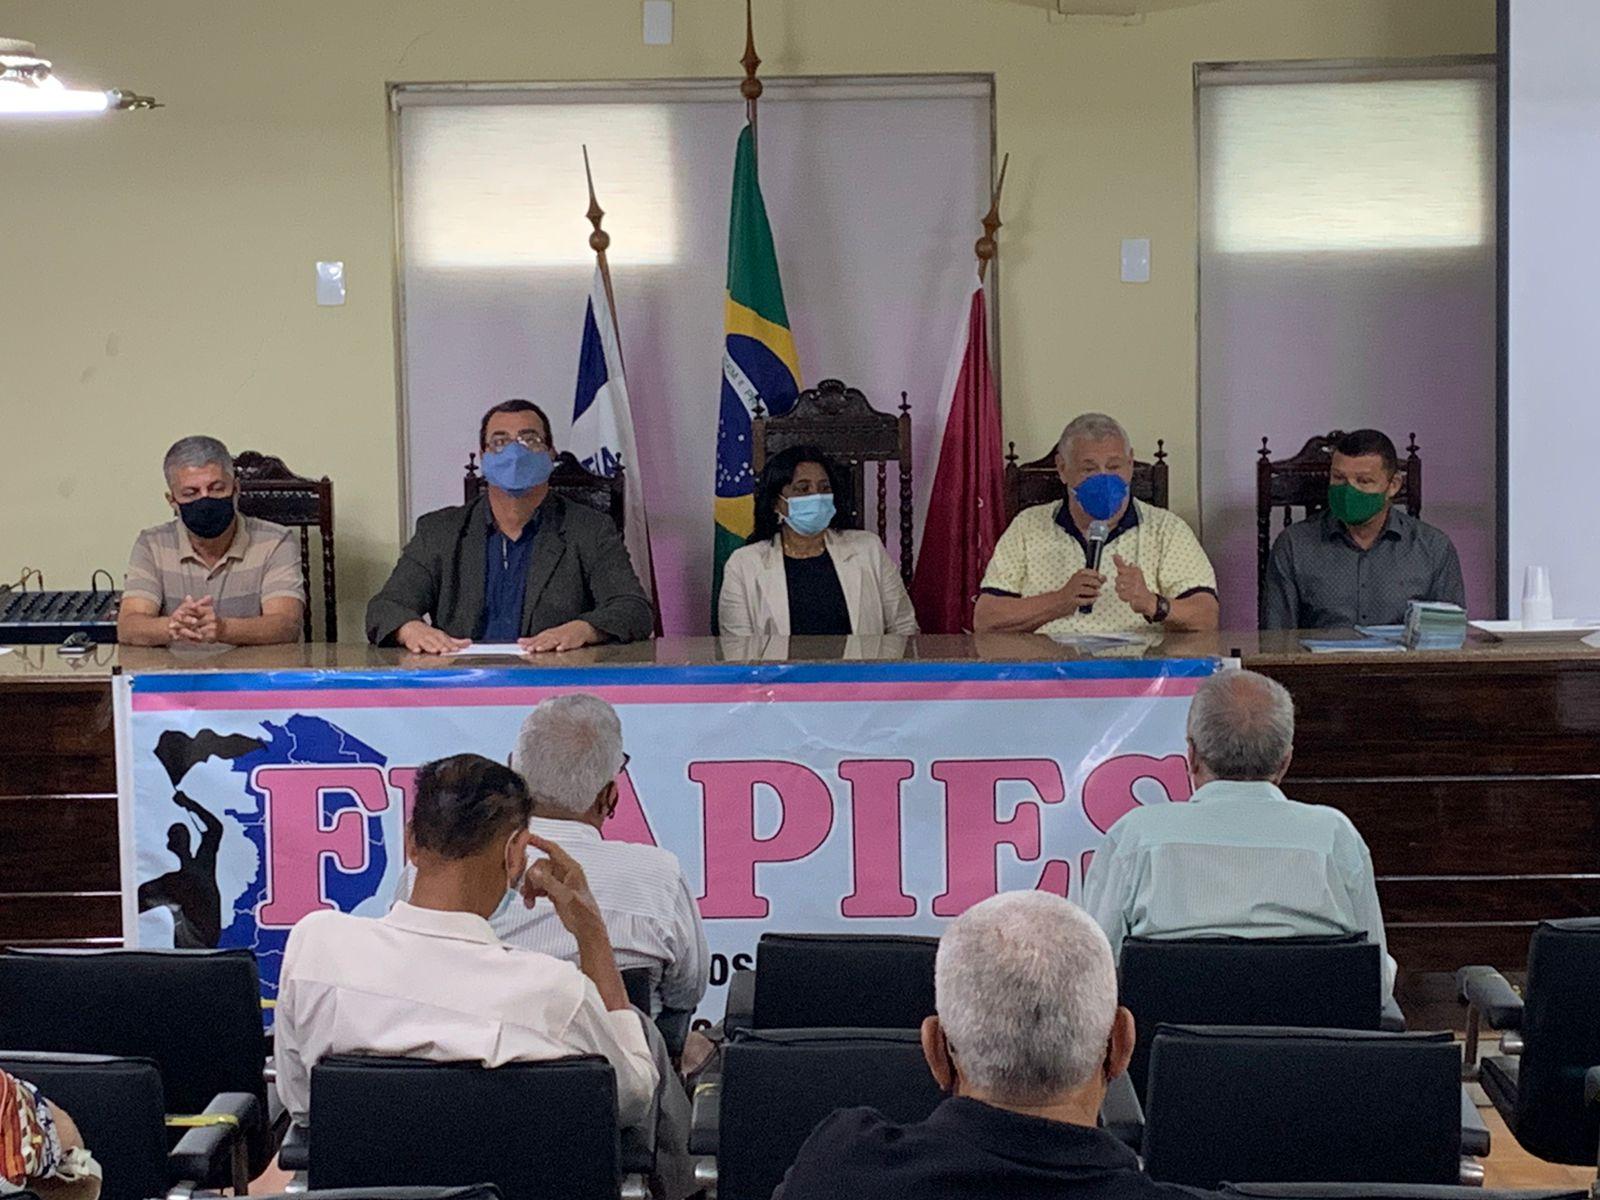 Federação do Espírito Santo empossa diretoria e sedia lançamento do plano de filiação no estado